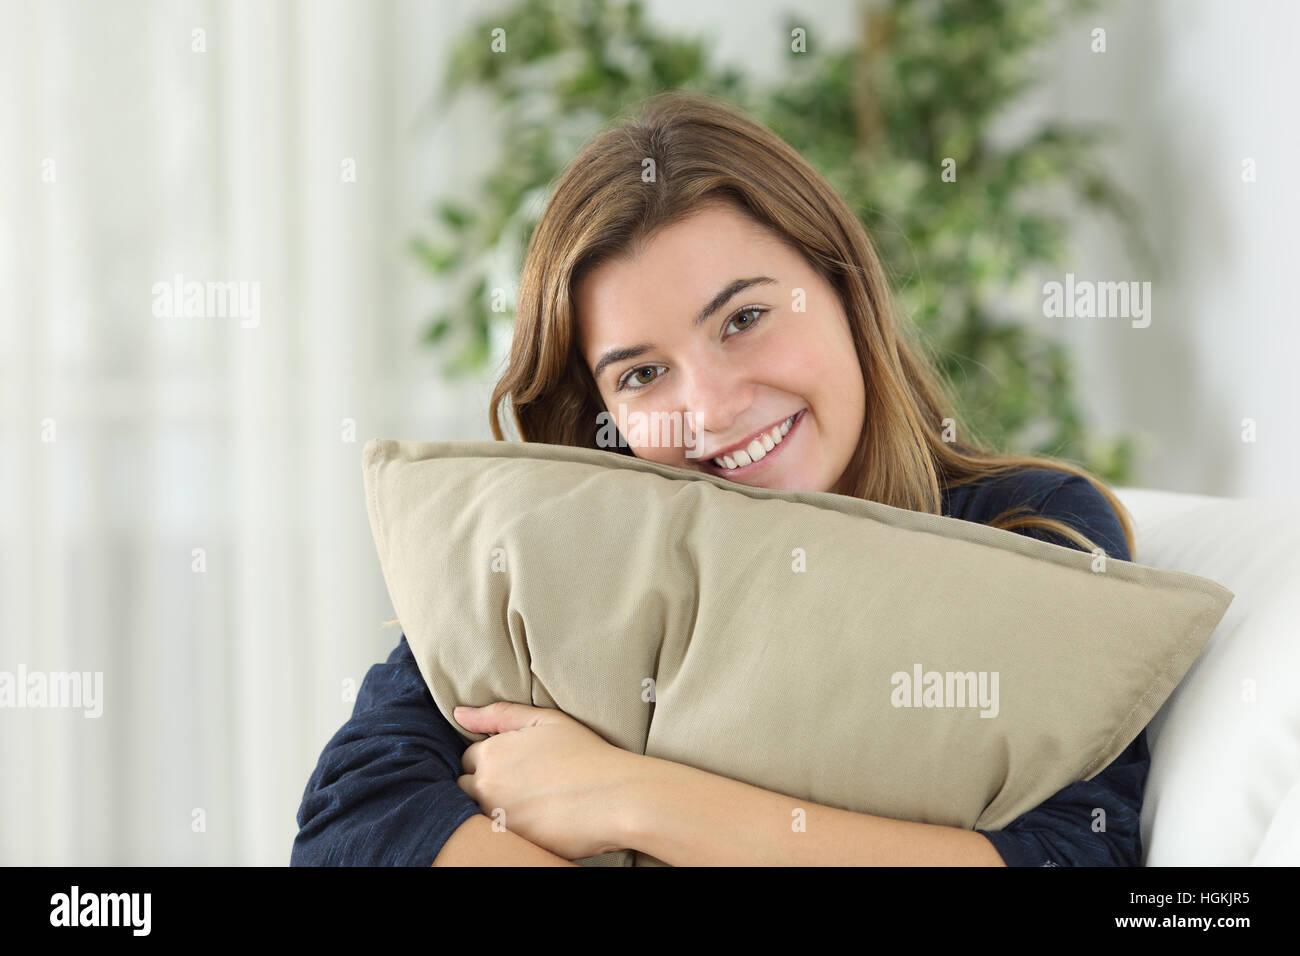 Felice teen ragazza in posa guardando seduto su un divano nel salotto di casa Immagini Stock